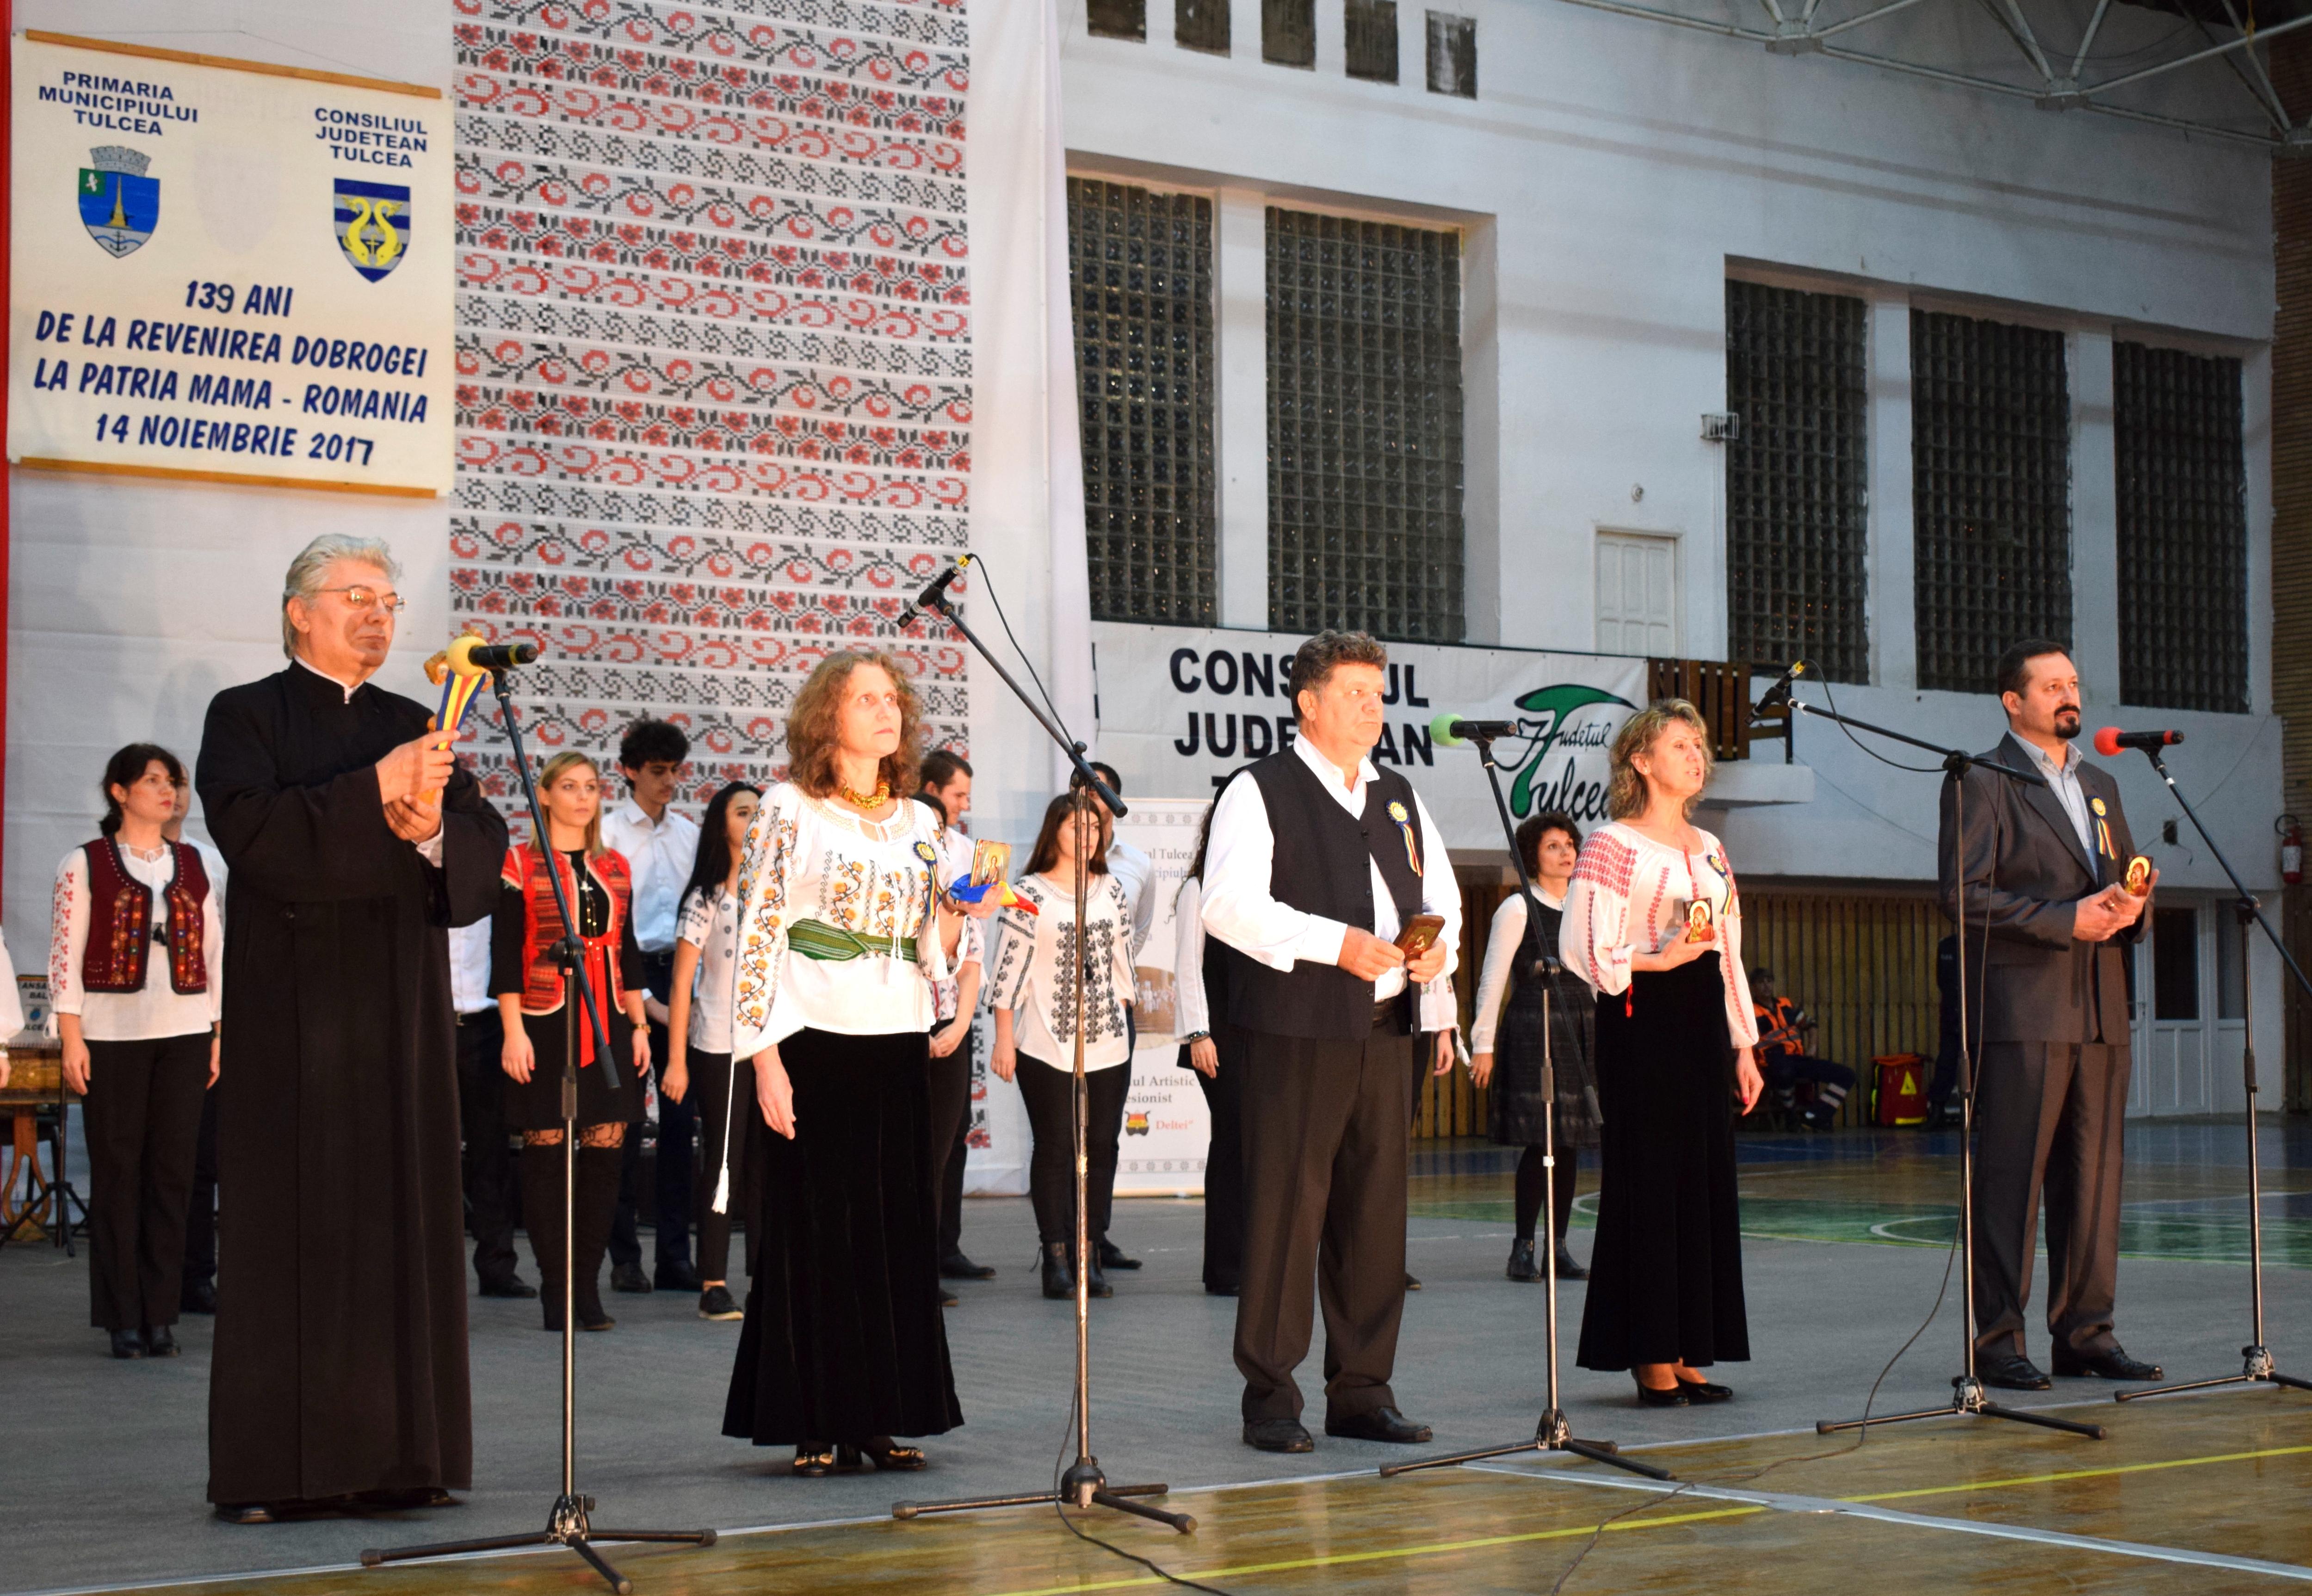 A urmat grupul de recitatori format (de la stânga imaginii spre dreapta) din: Pr. Mihael Mihai Marian, Teodora Dociu, Ion Chiriac, elena Anastase și Petru Țincoca.